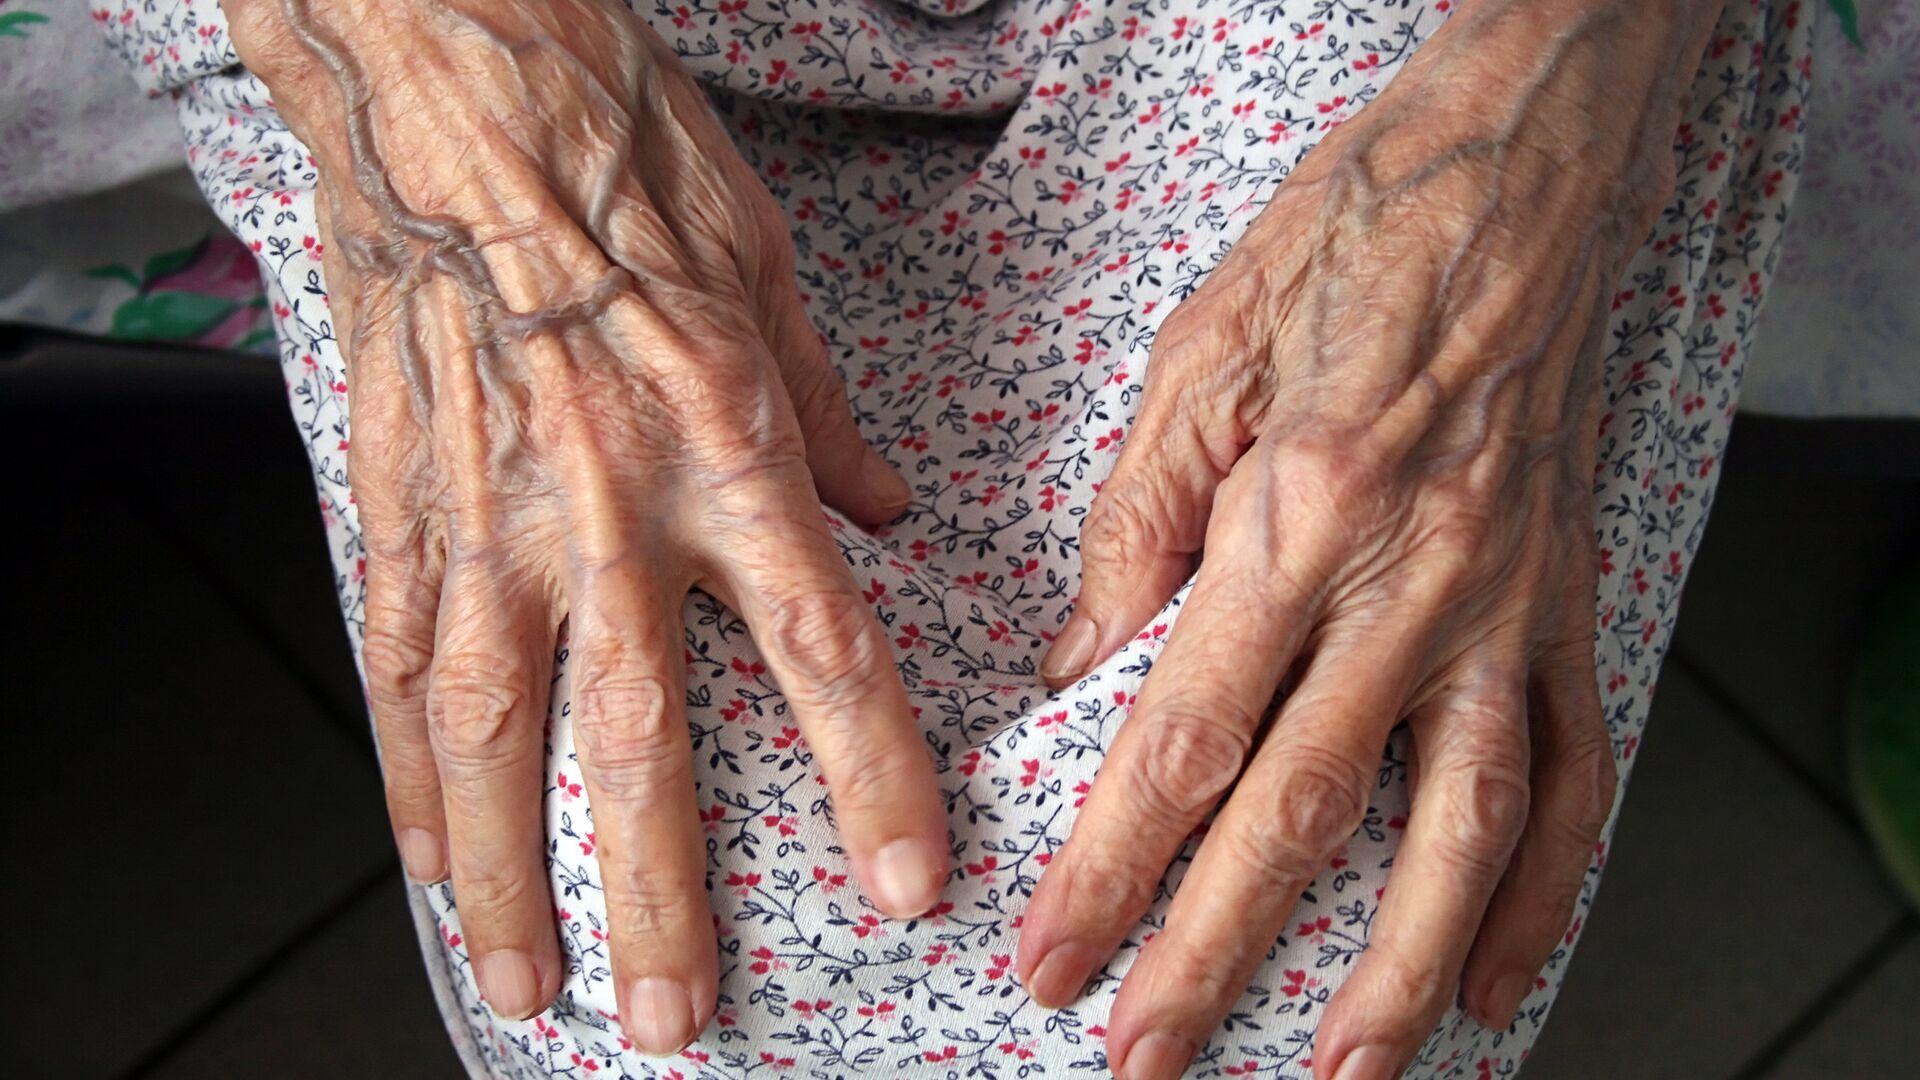 Руки пожилой женщины - РИА Новости, 1920, 01.12.2020